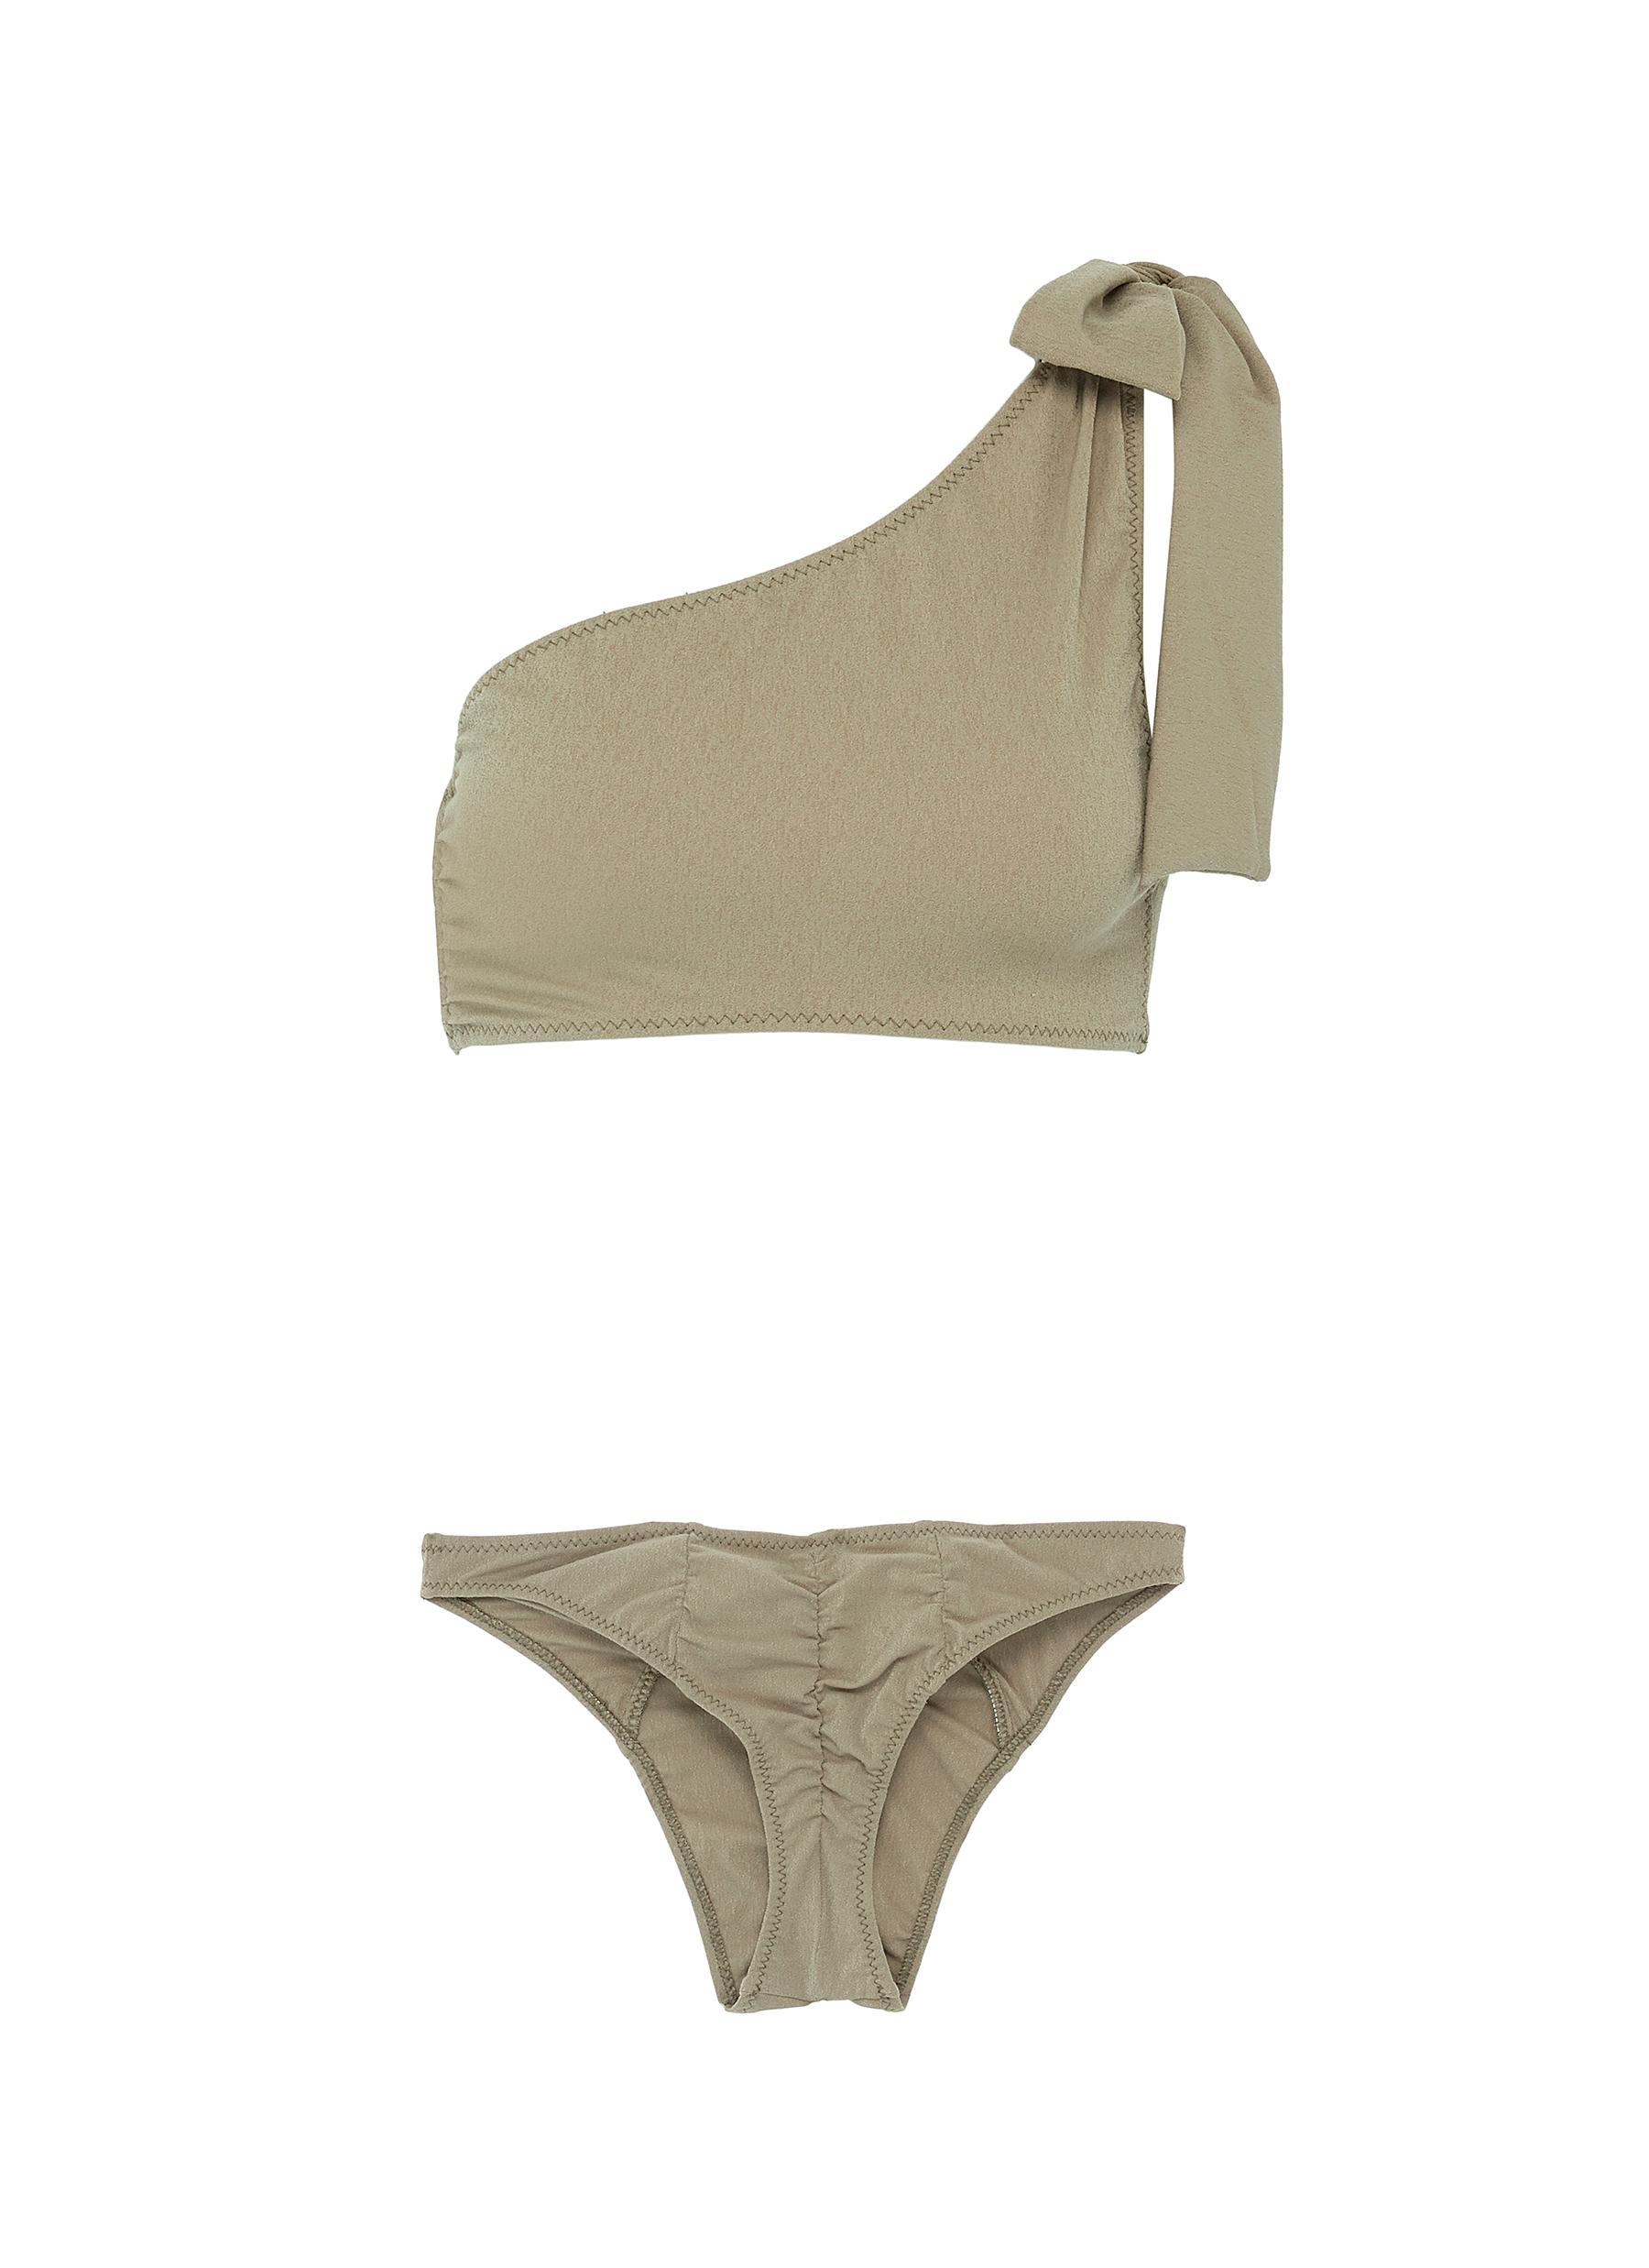 Arden tie one-shoulder bikini set by Lisa Marie Fernandez